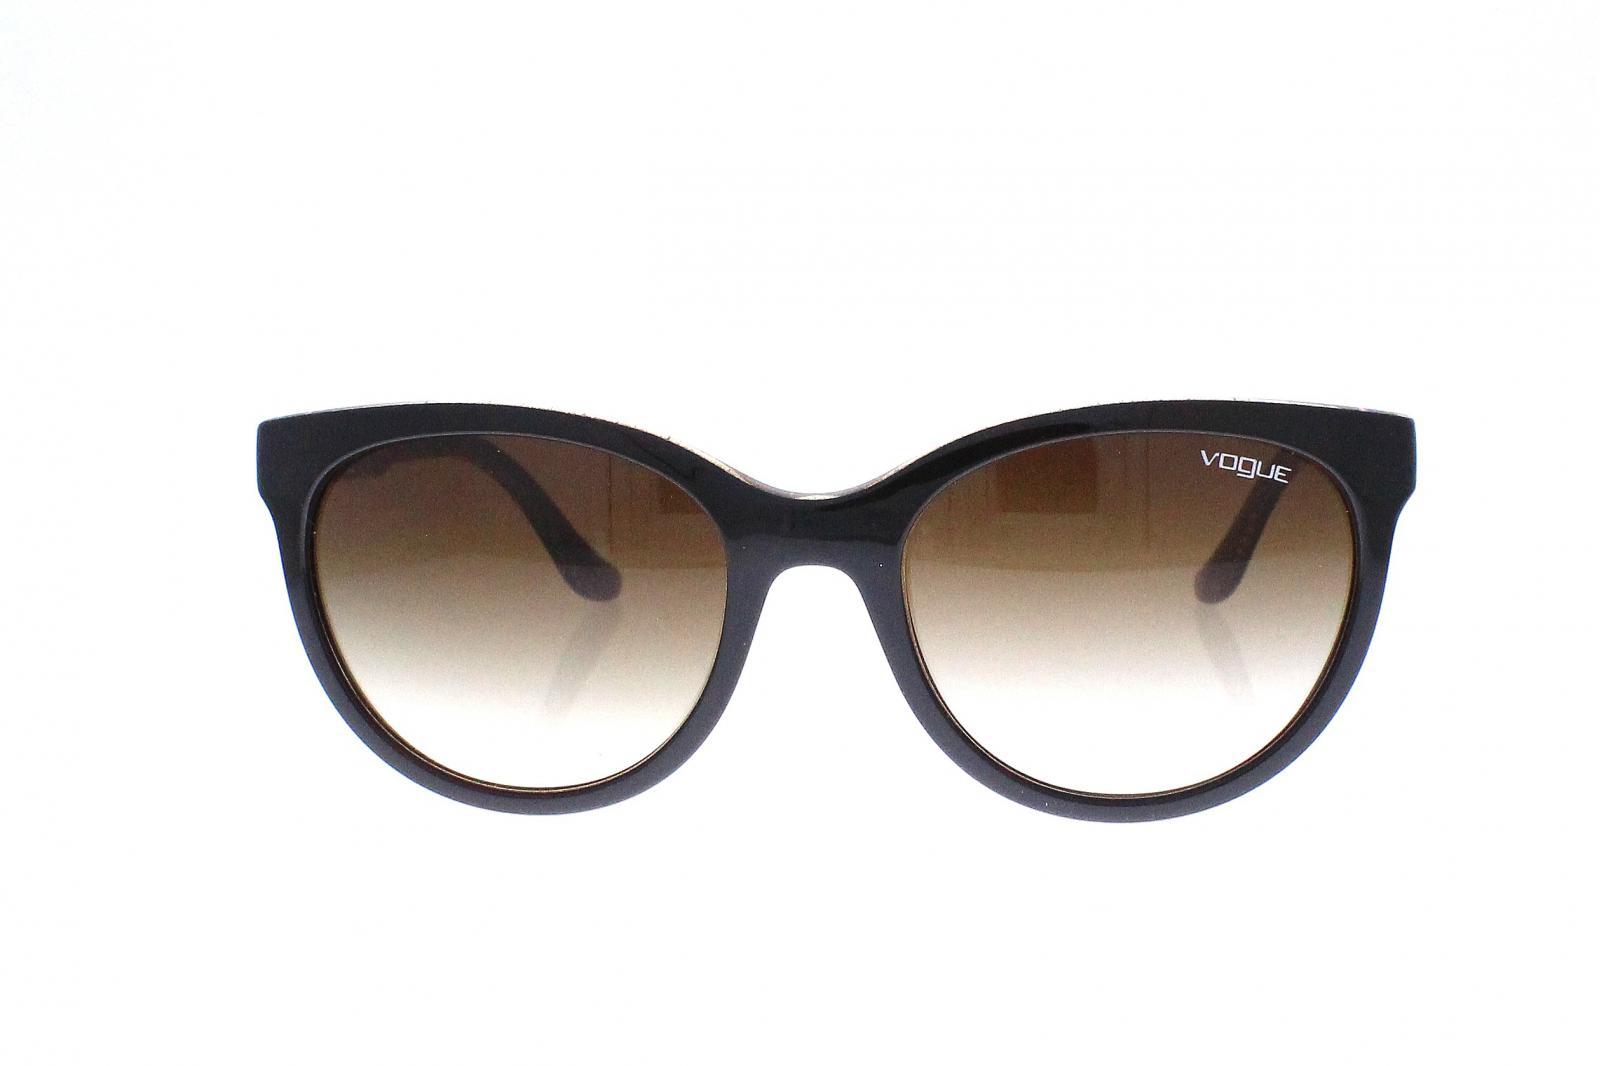 83bbf22fe58773 Lunettes de Soleil Vogue Vo 2915-S 2259 13 pas cher - Optical Discount